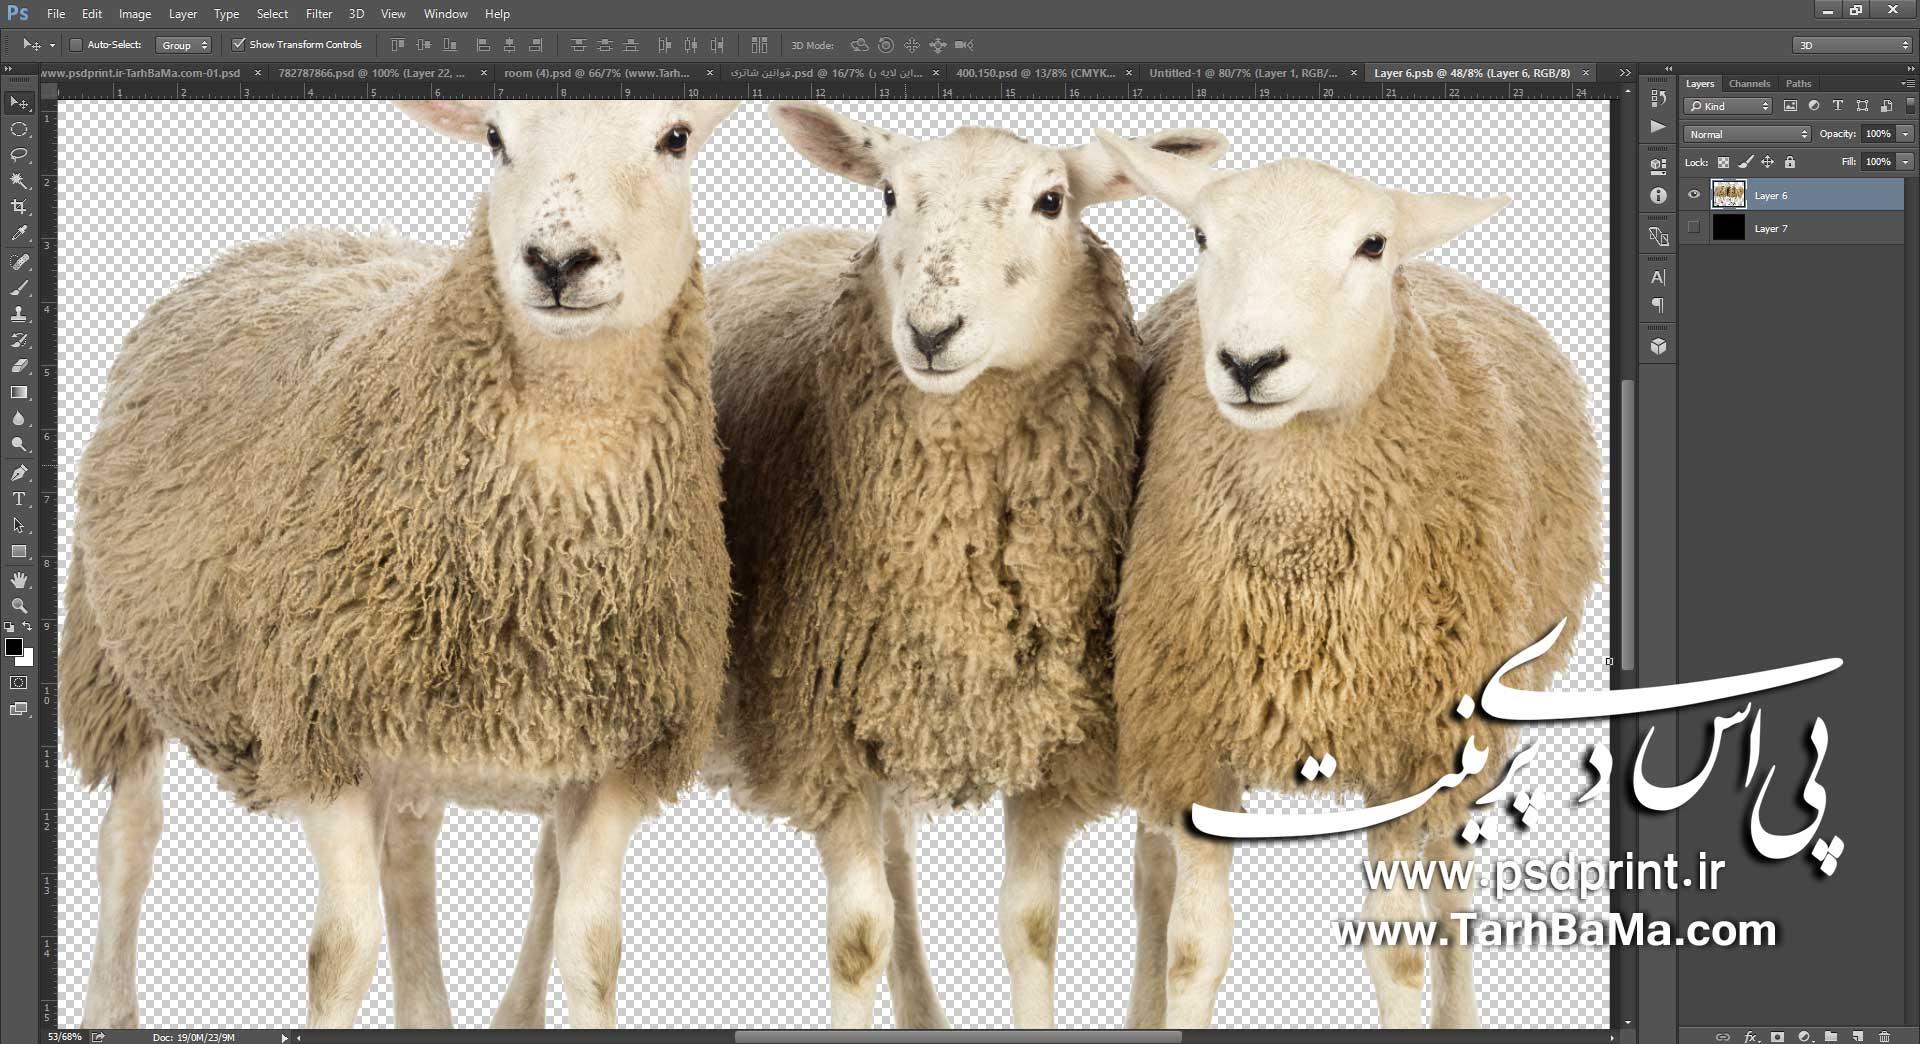 شاتر استوک گوسفند